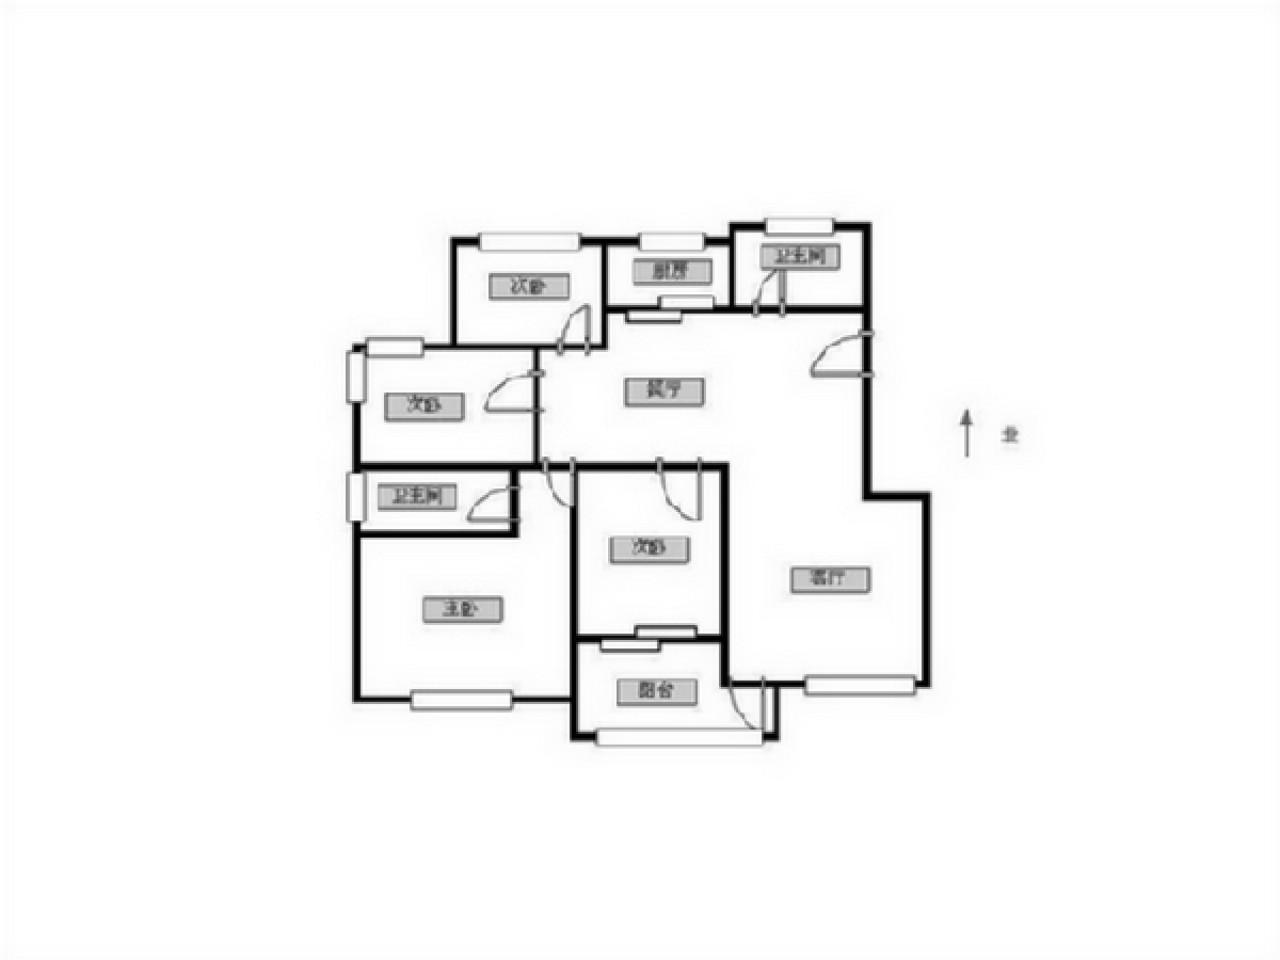 建邺区奥体西堤国际三区4室2厅户型图